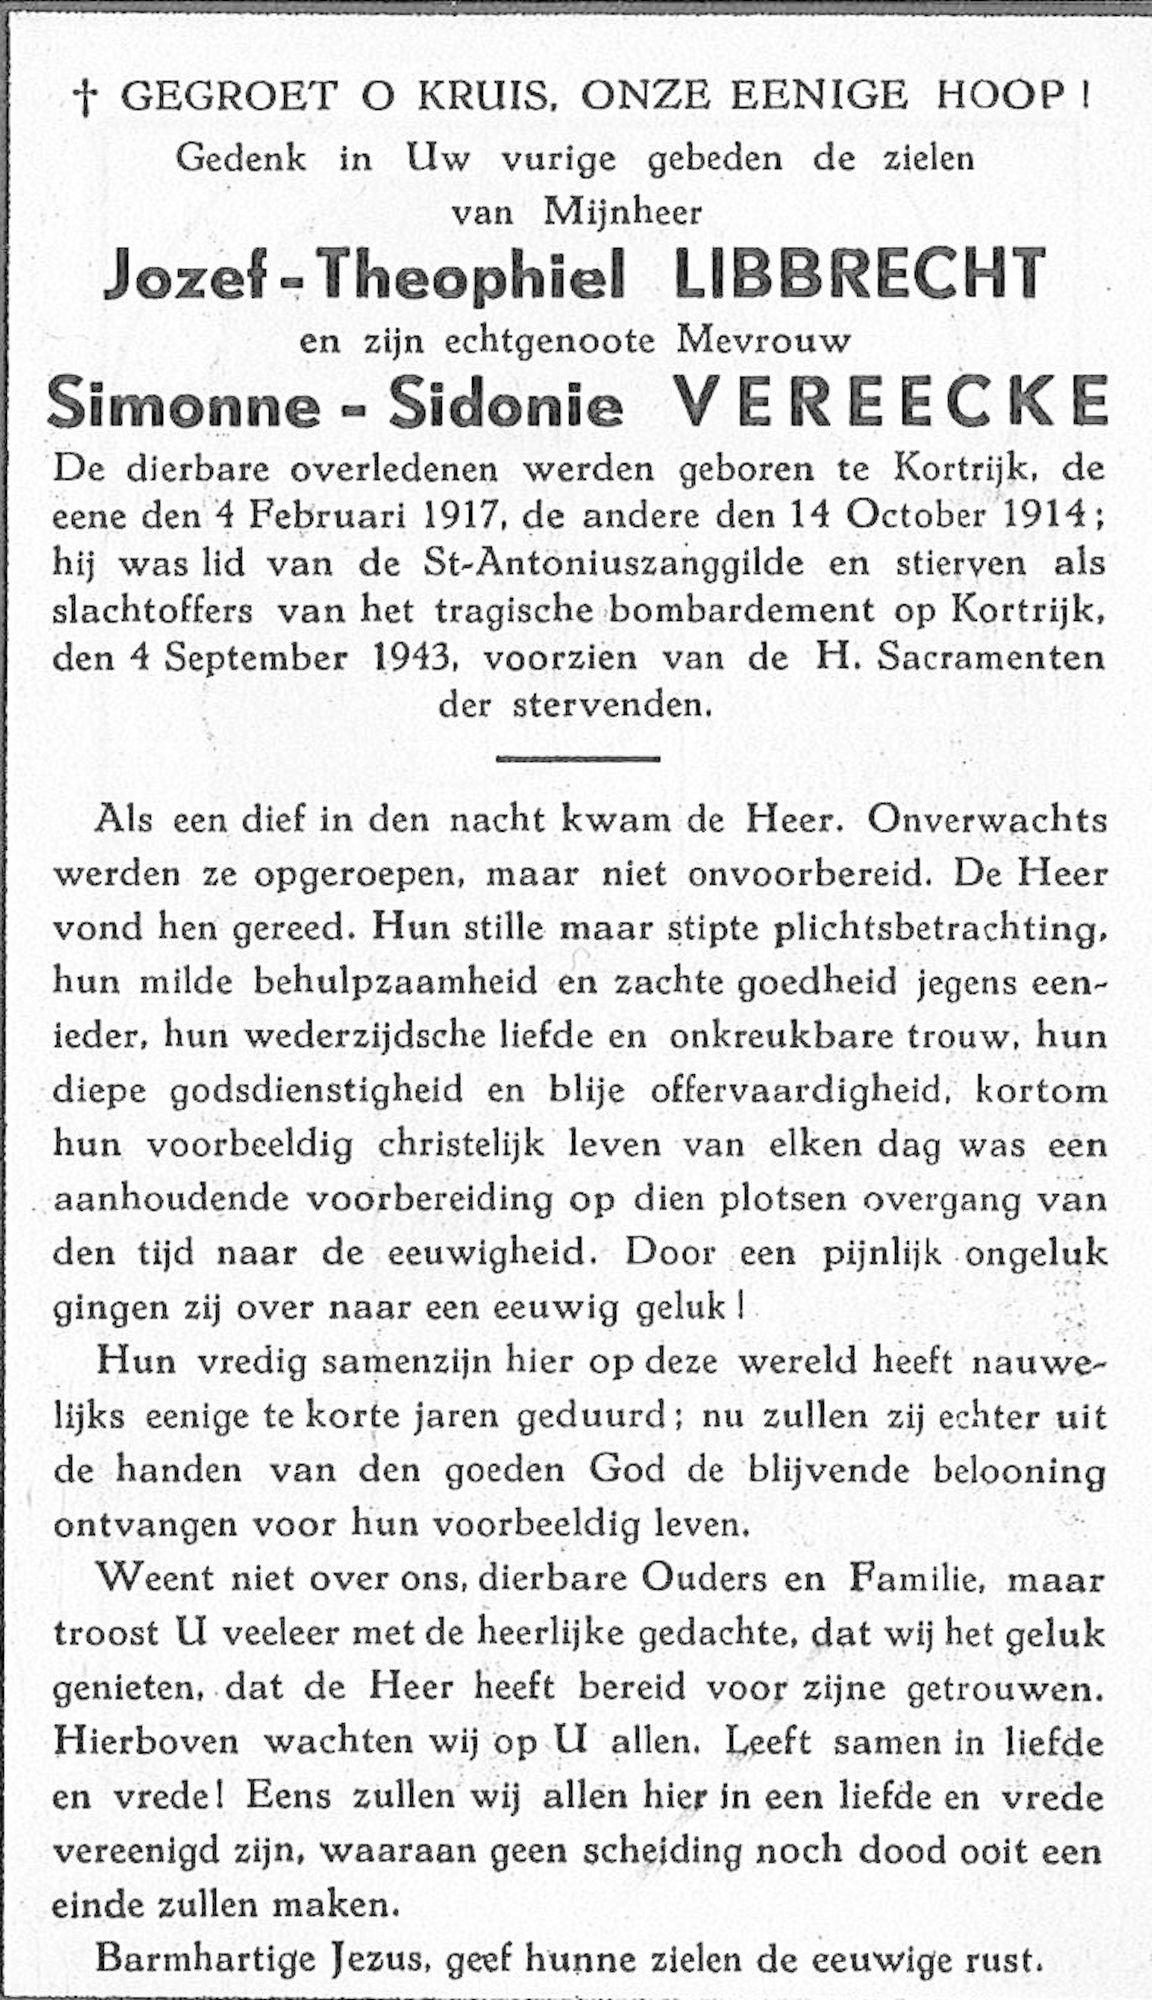 Jozef-Theophiel Libbrecht en Simonne-Sidonie Vereecke